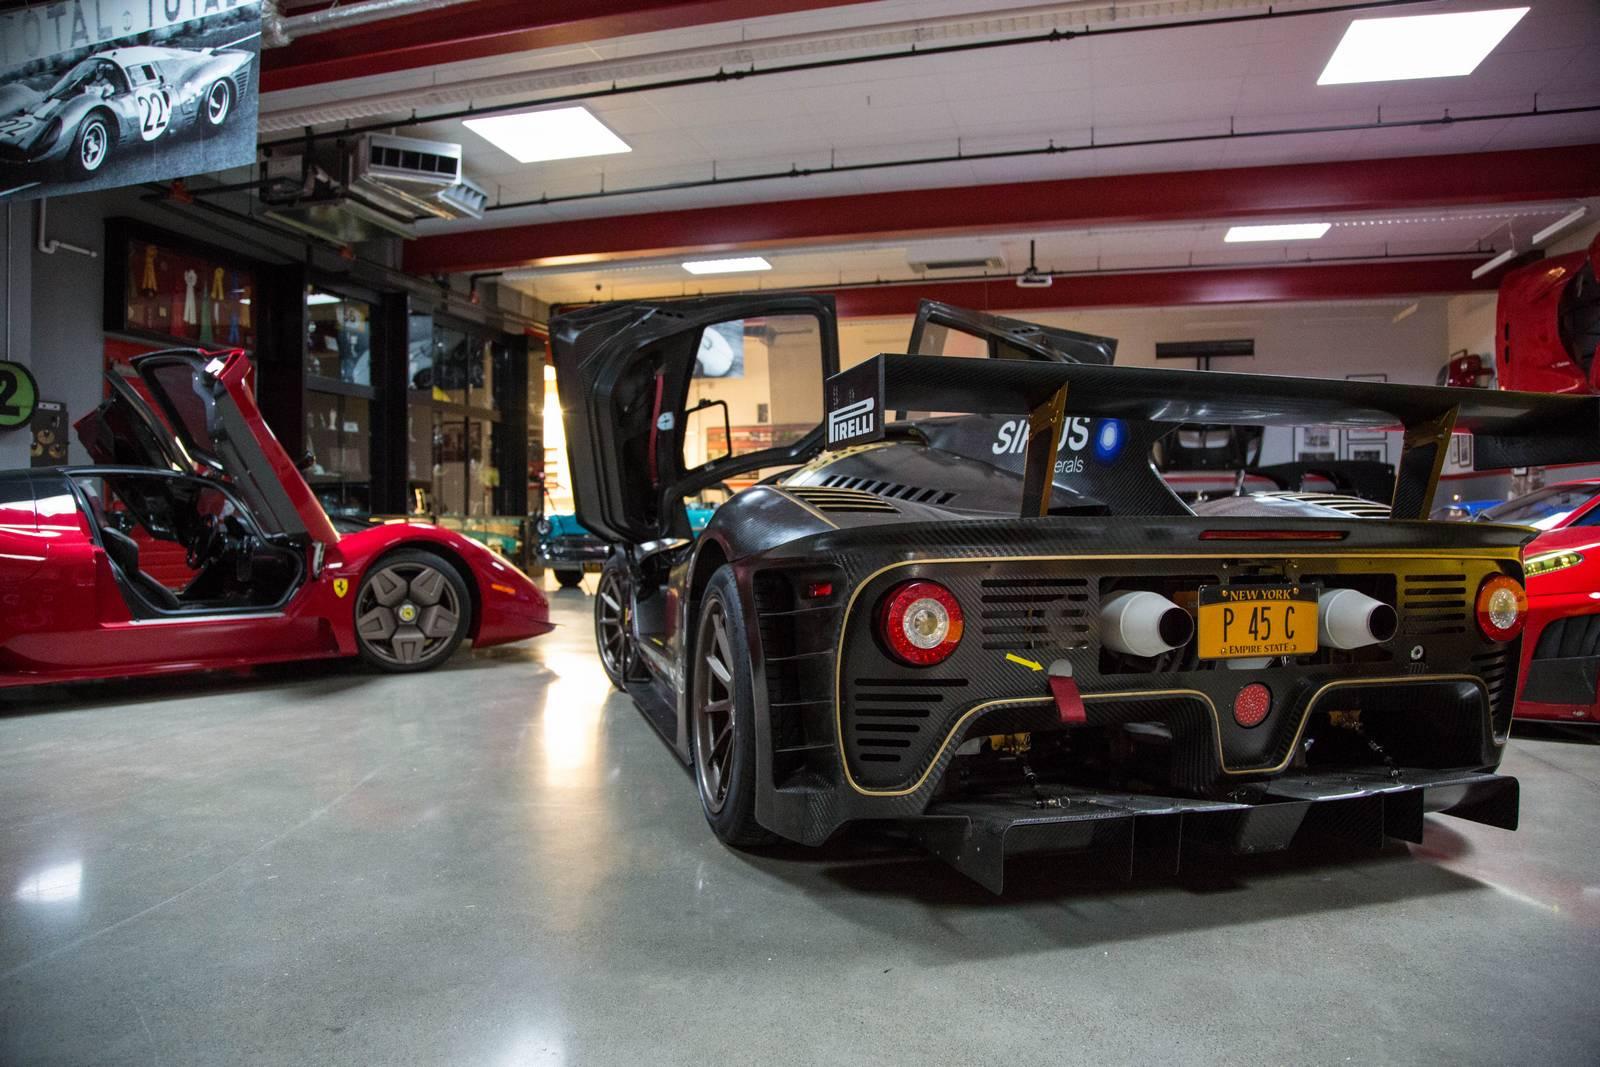 Pininfarina P45 Competizione Meets Ferrari P45 By